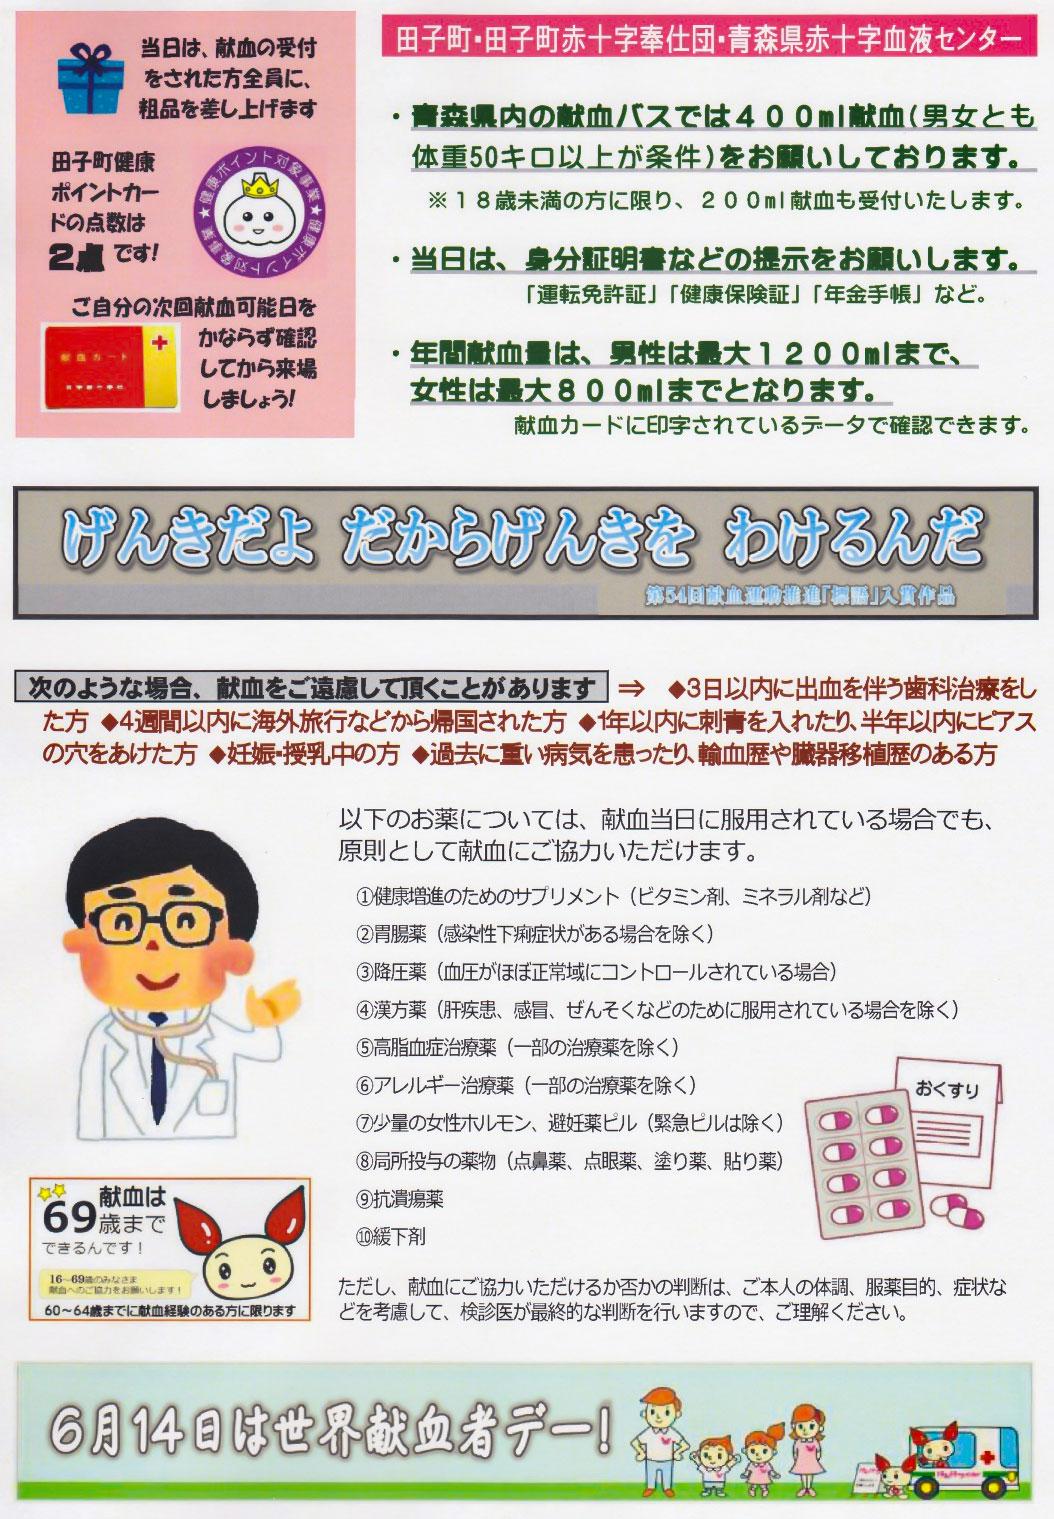 田子町 献血バス 6月26日